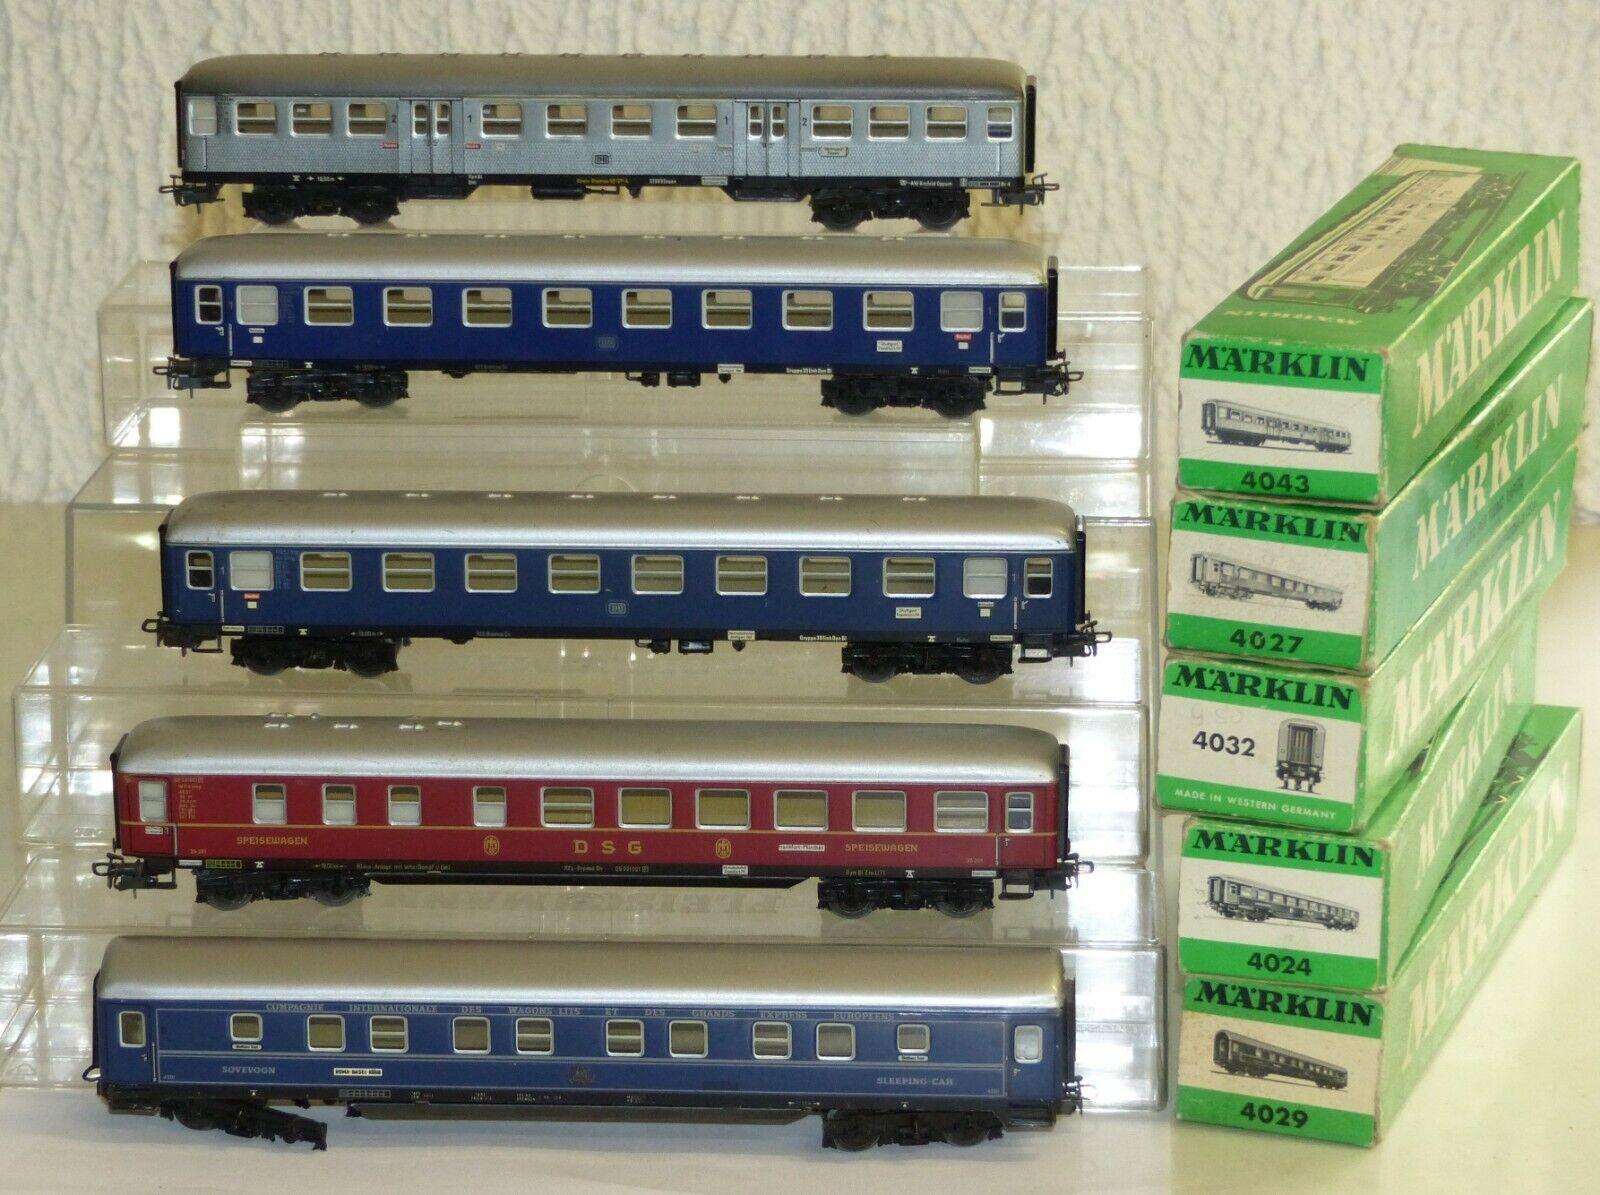 5x Märklin Personenwagen  4027 4032 4024 DSG 4029 Voutre Lits 4043 H0 OVP Blech